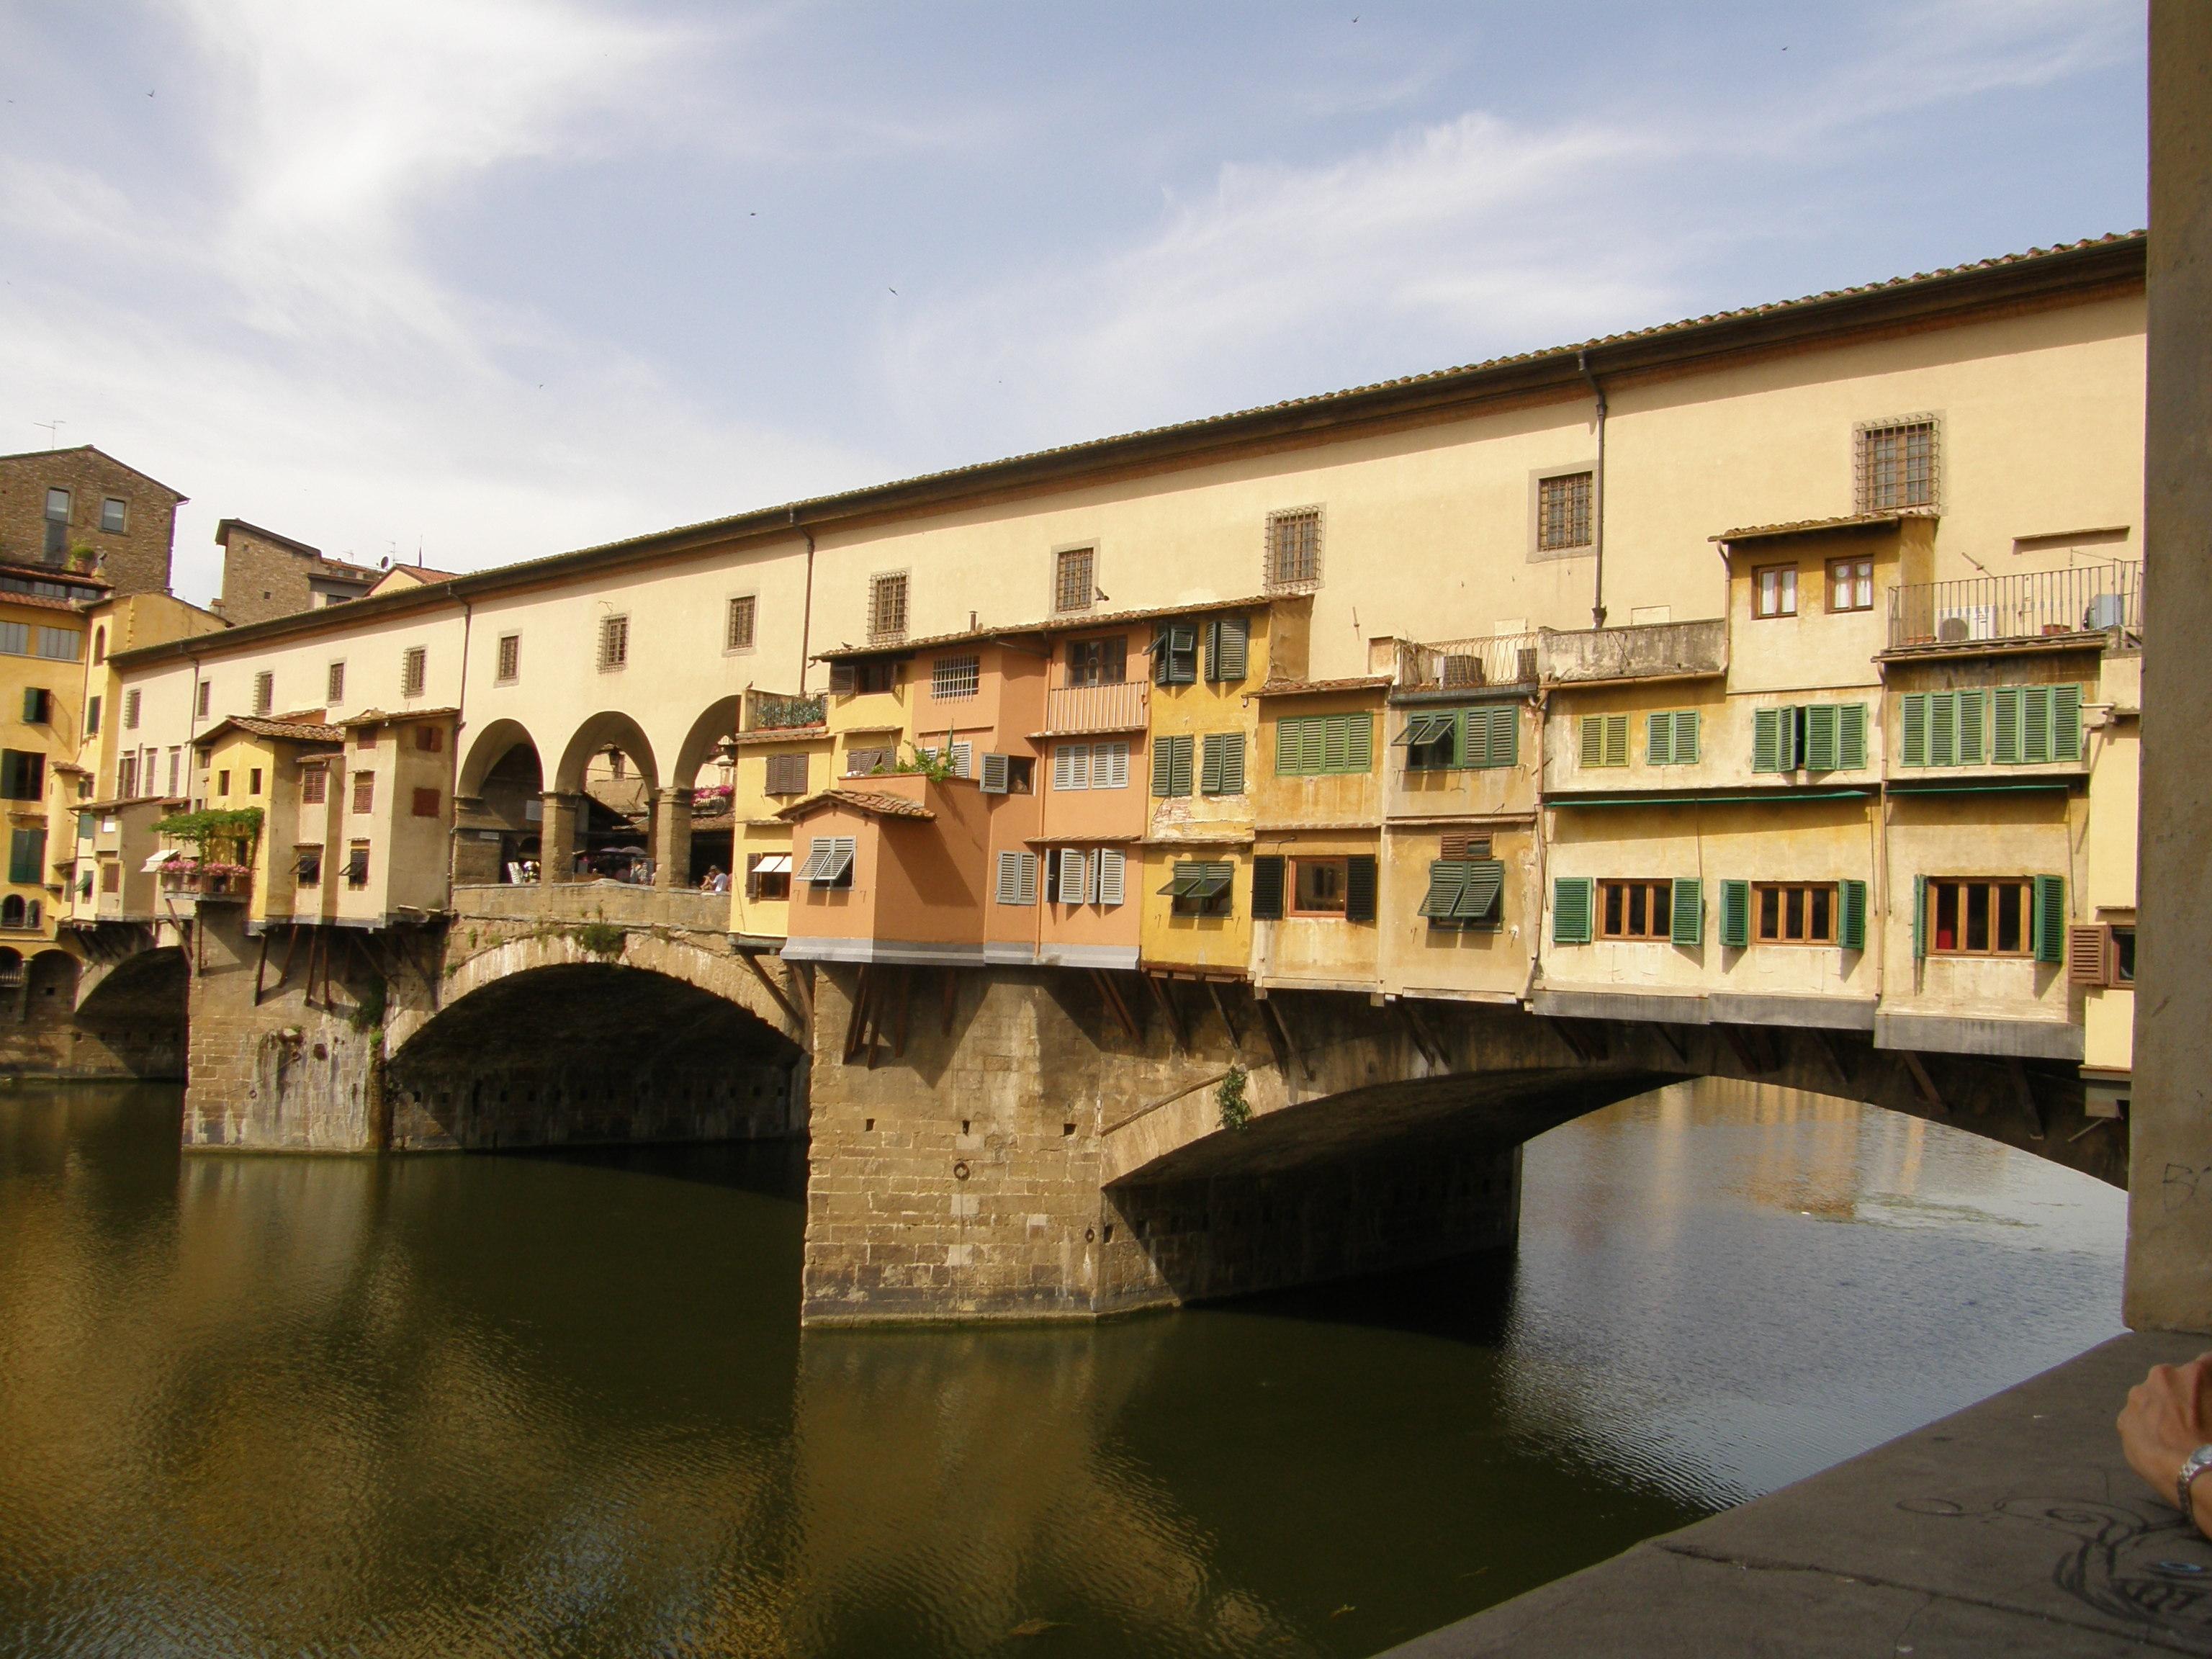 Ponte Vecchio, Florence, Italy бесплатно